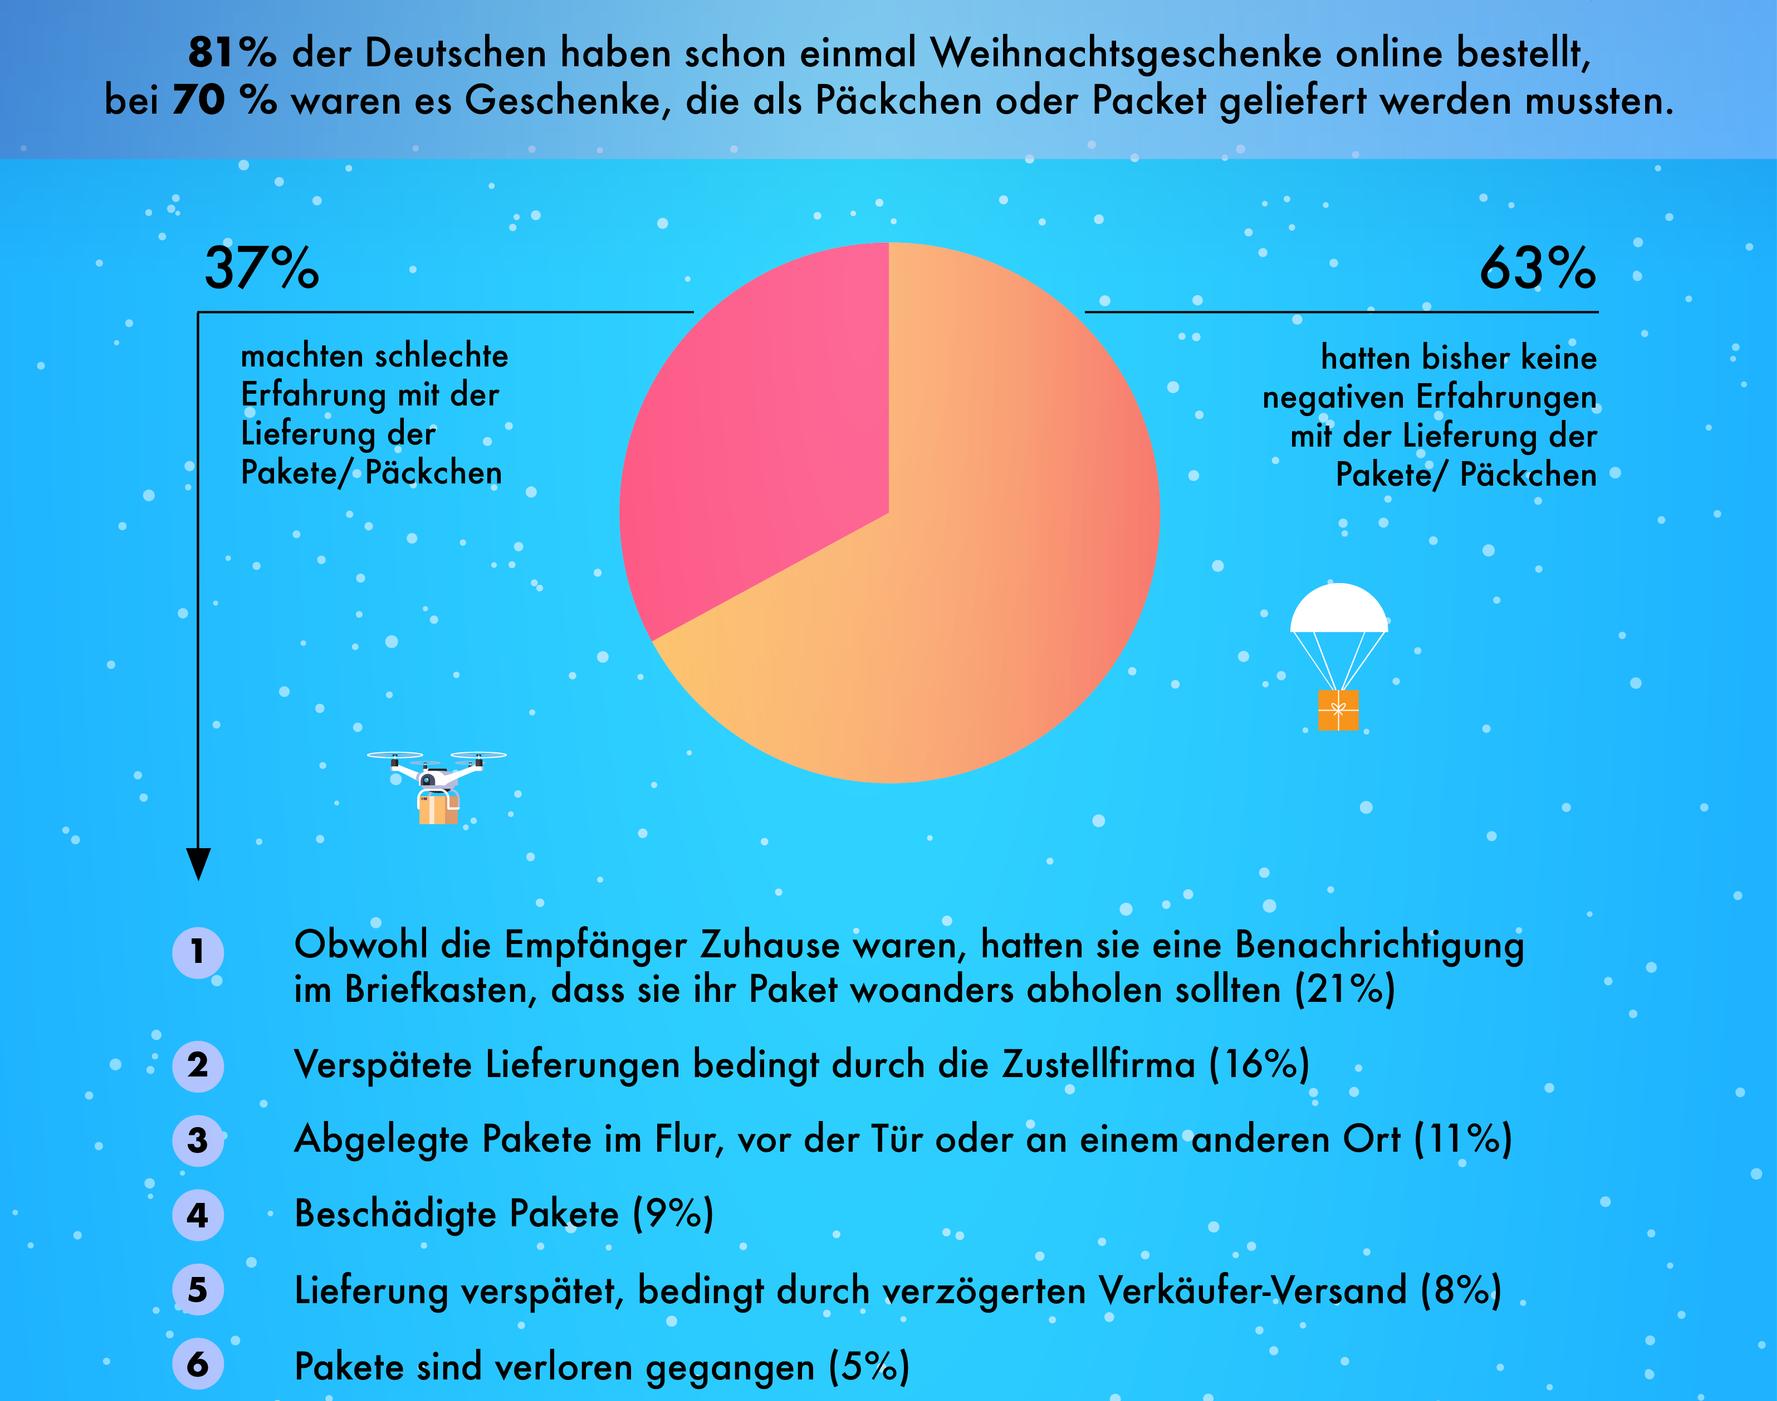 Infografik Teil 2